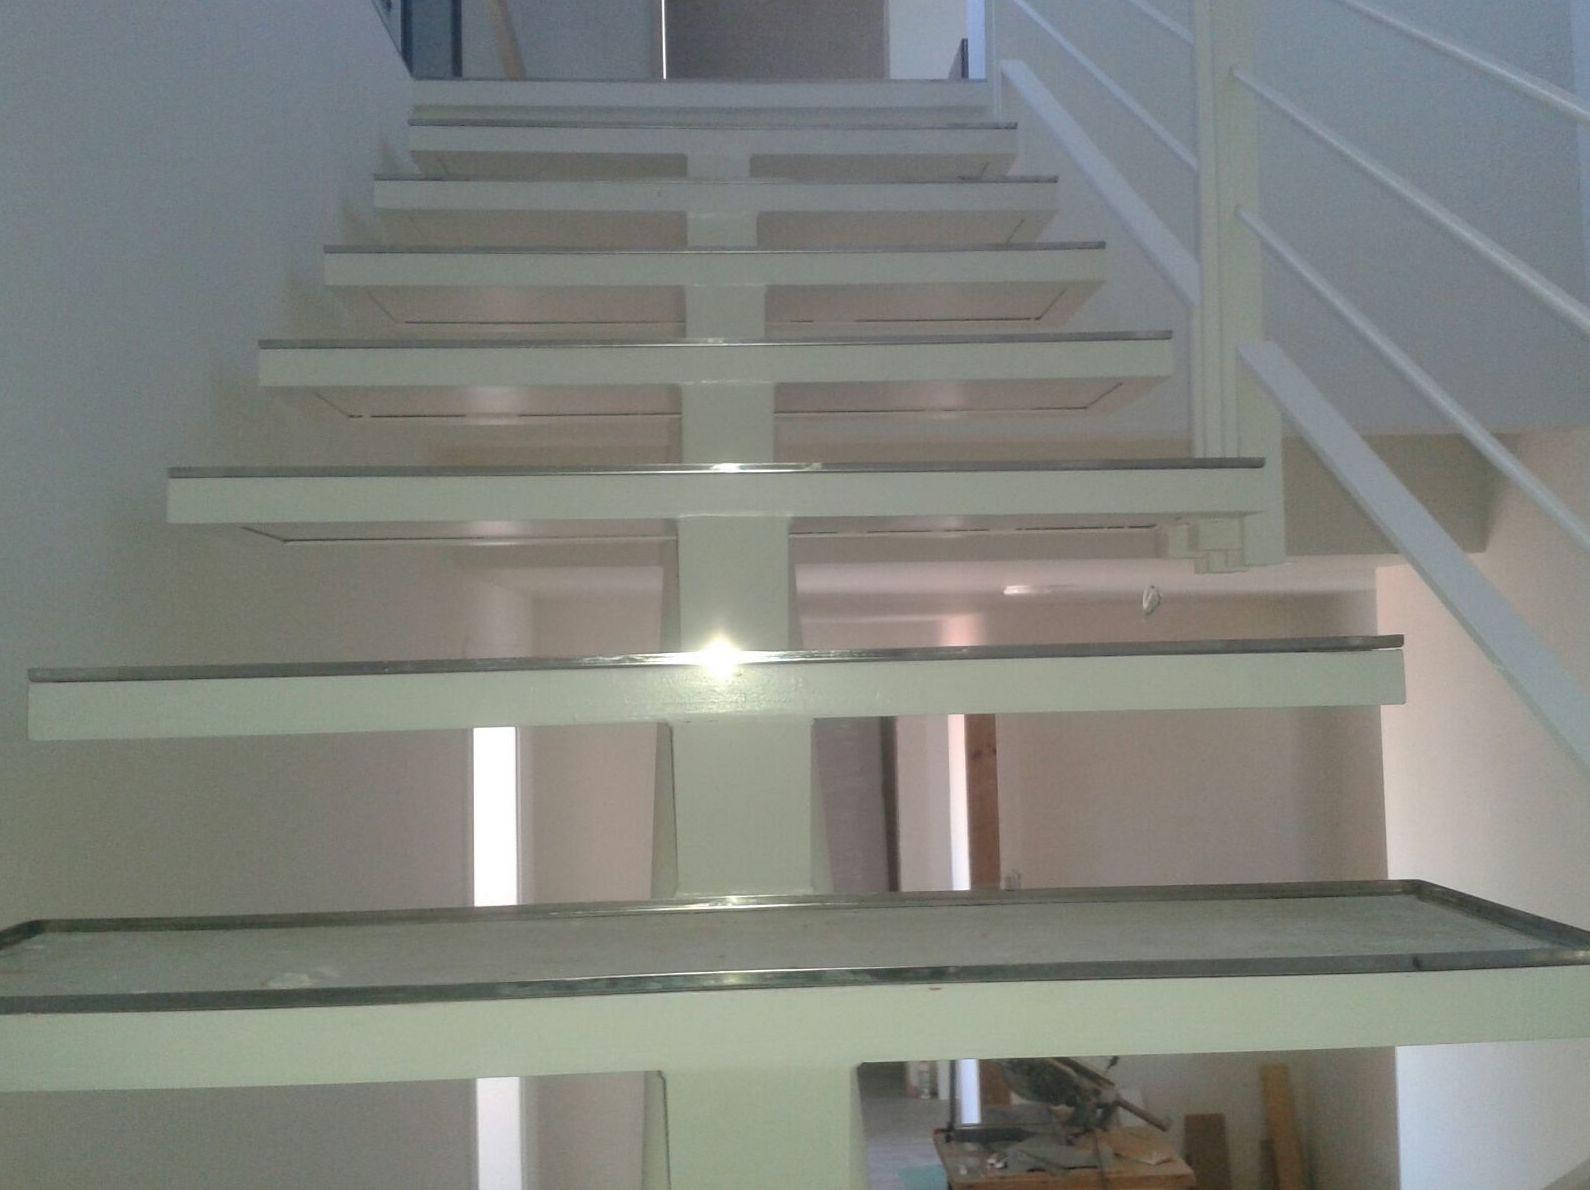 Escalera con barandilla de hierro lacado con peldaños rellenos de madera